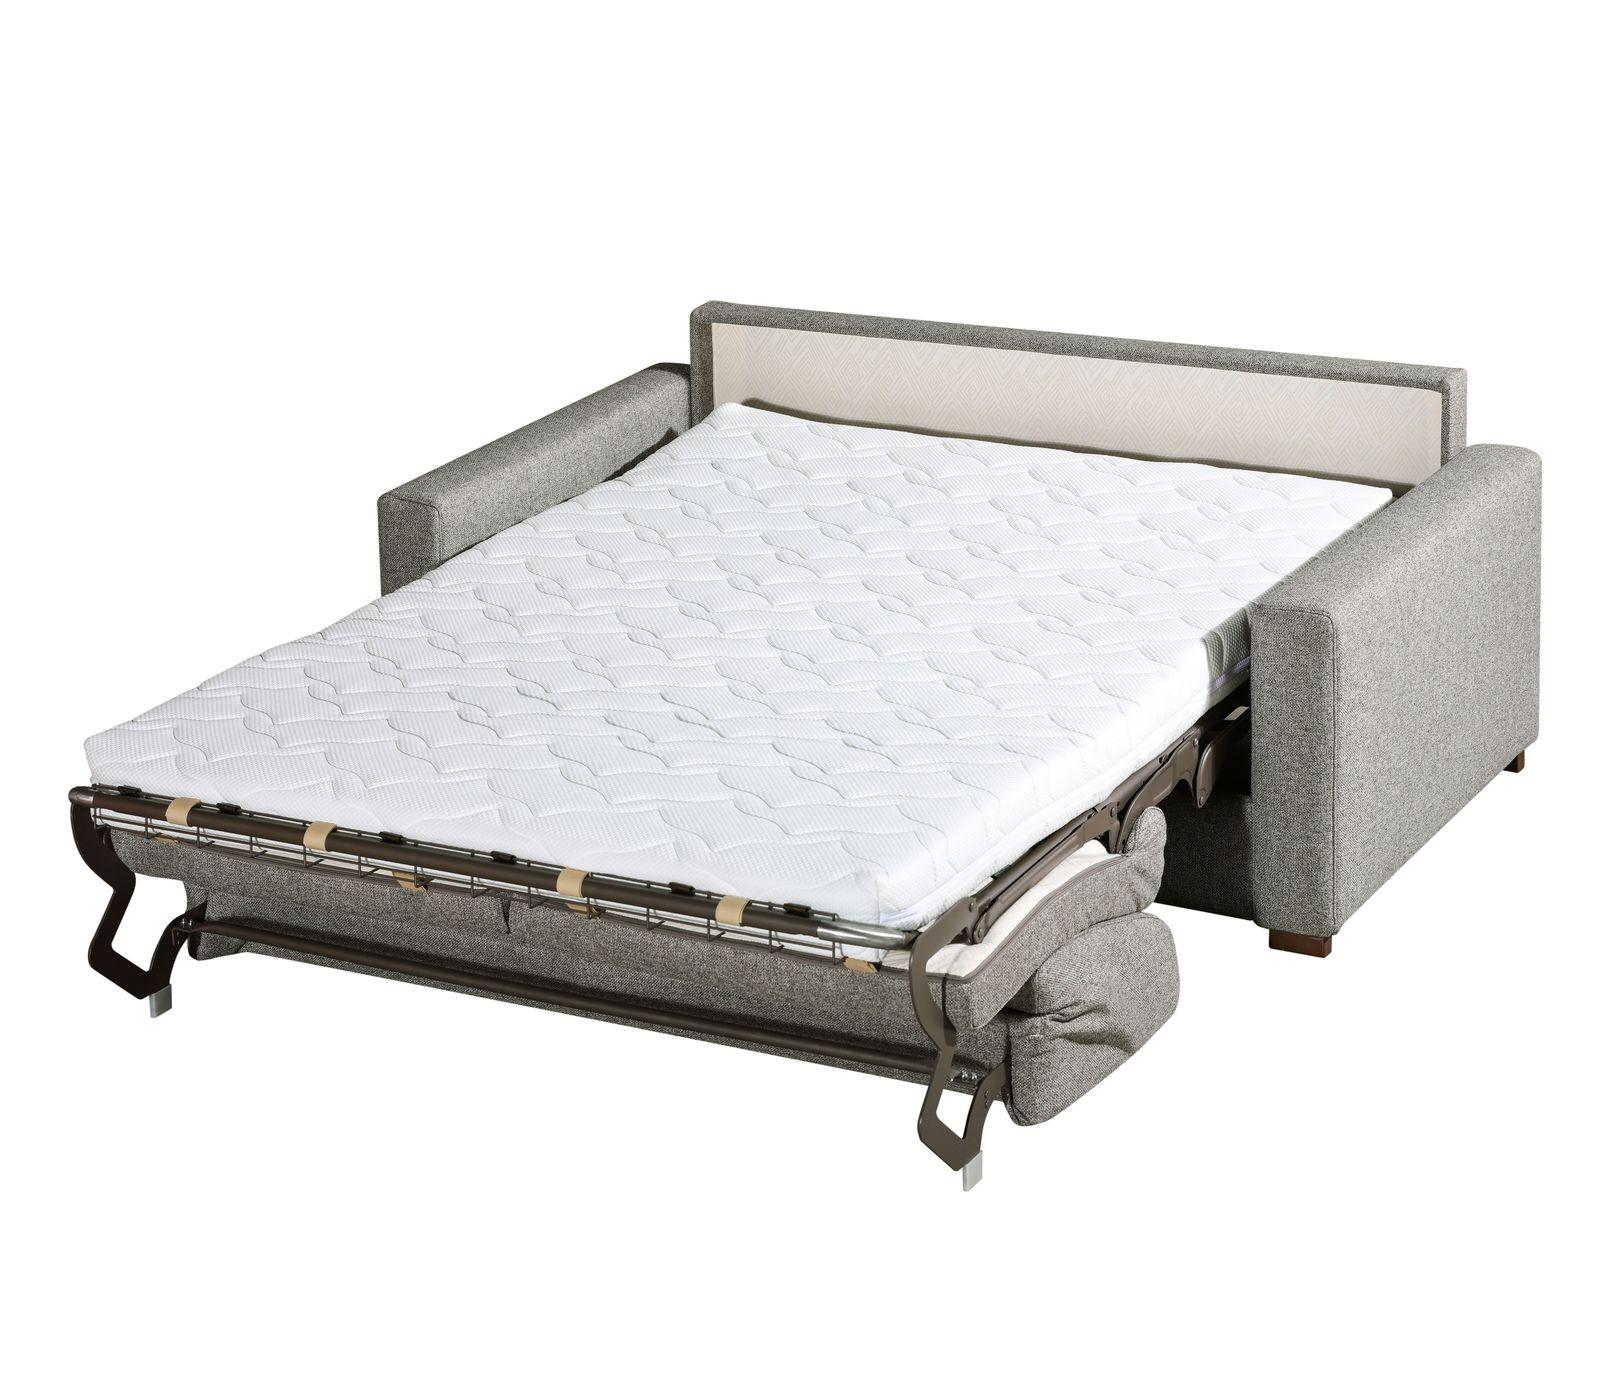 2 sitzer schlafsofa mit express bettfunktion und matratze conda. Black Bedroom Furniture Sets. Home Design Ideas